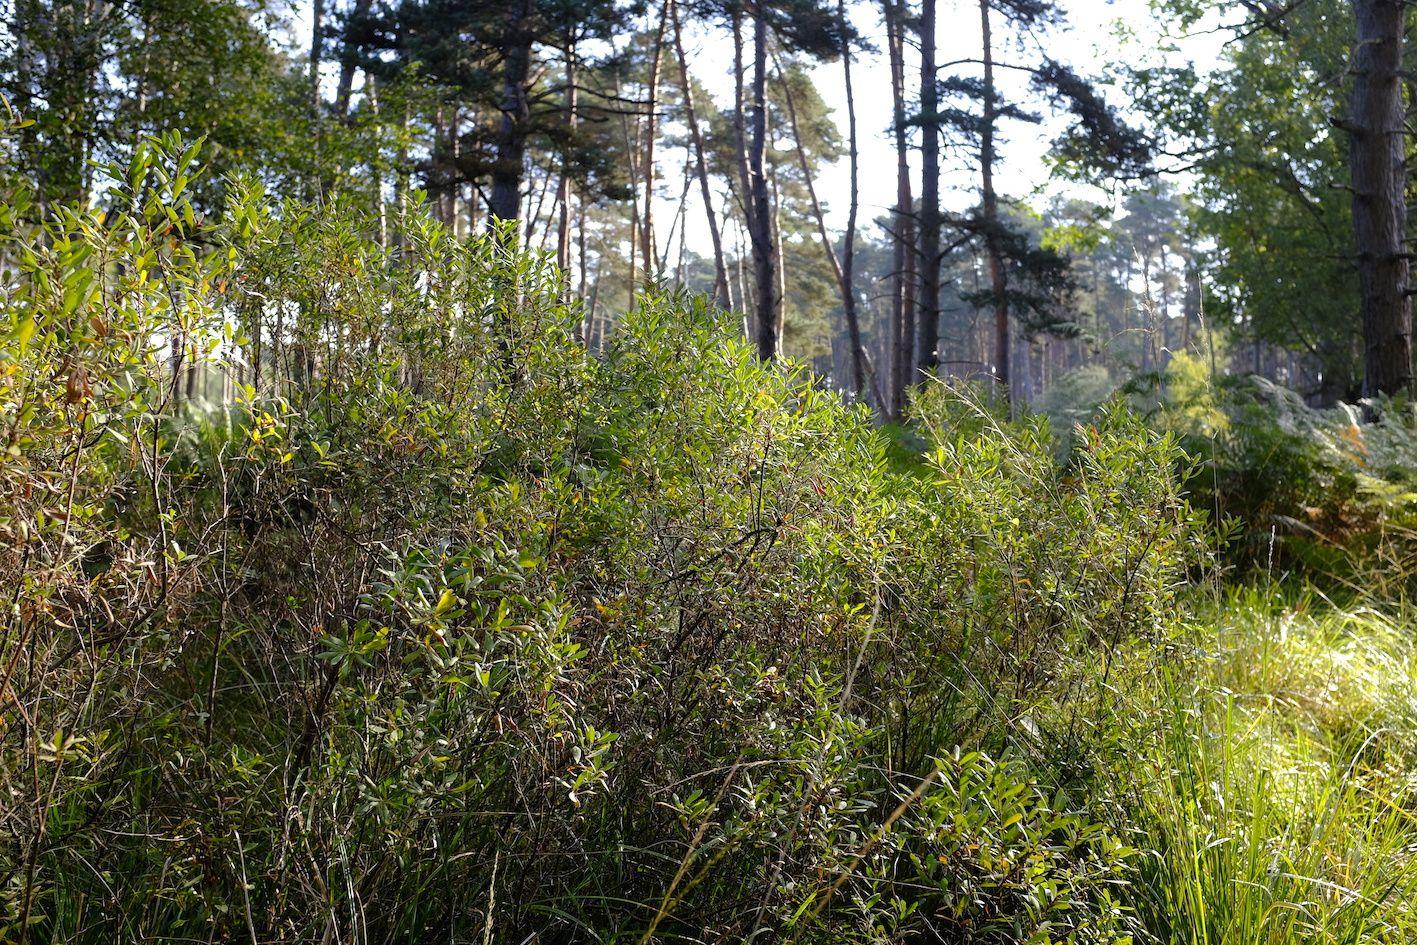 Pins sylvestres (Pinus silvestris) et myrique baumier (Myrica gale) échangent leurs parfums dans la Forêt de Rambouillet (Yvelines), entre Saint-Léger, Gambaiseuil et Condé-sur-Vesgre. Photo: Pierre-Olivier Combelles. Appareil: Fujifilm X100T.